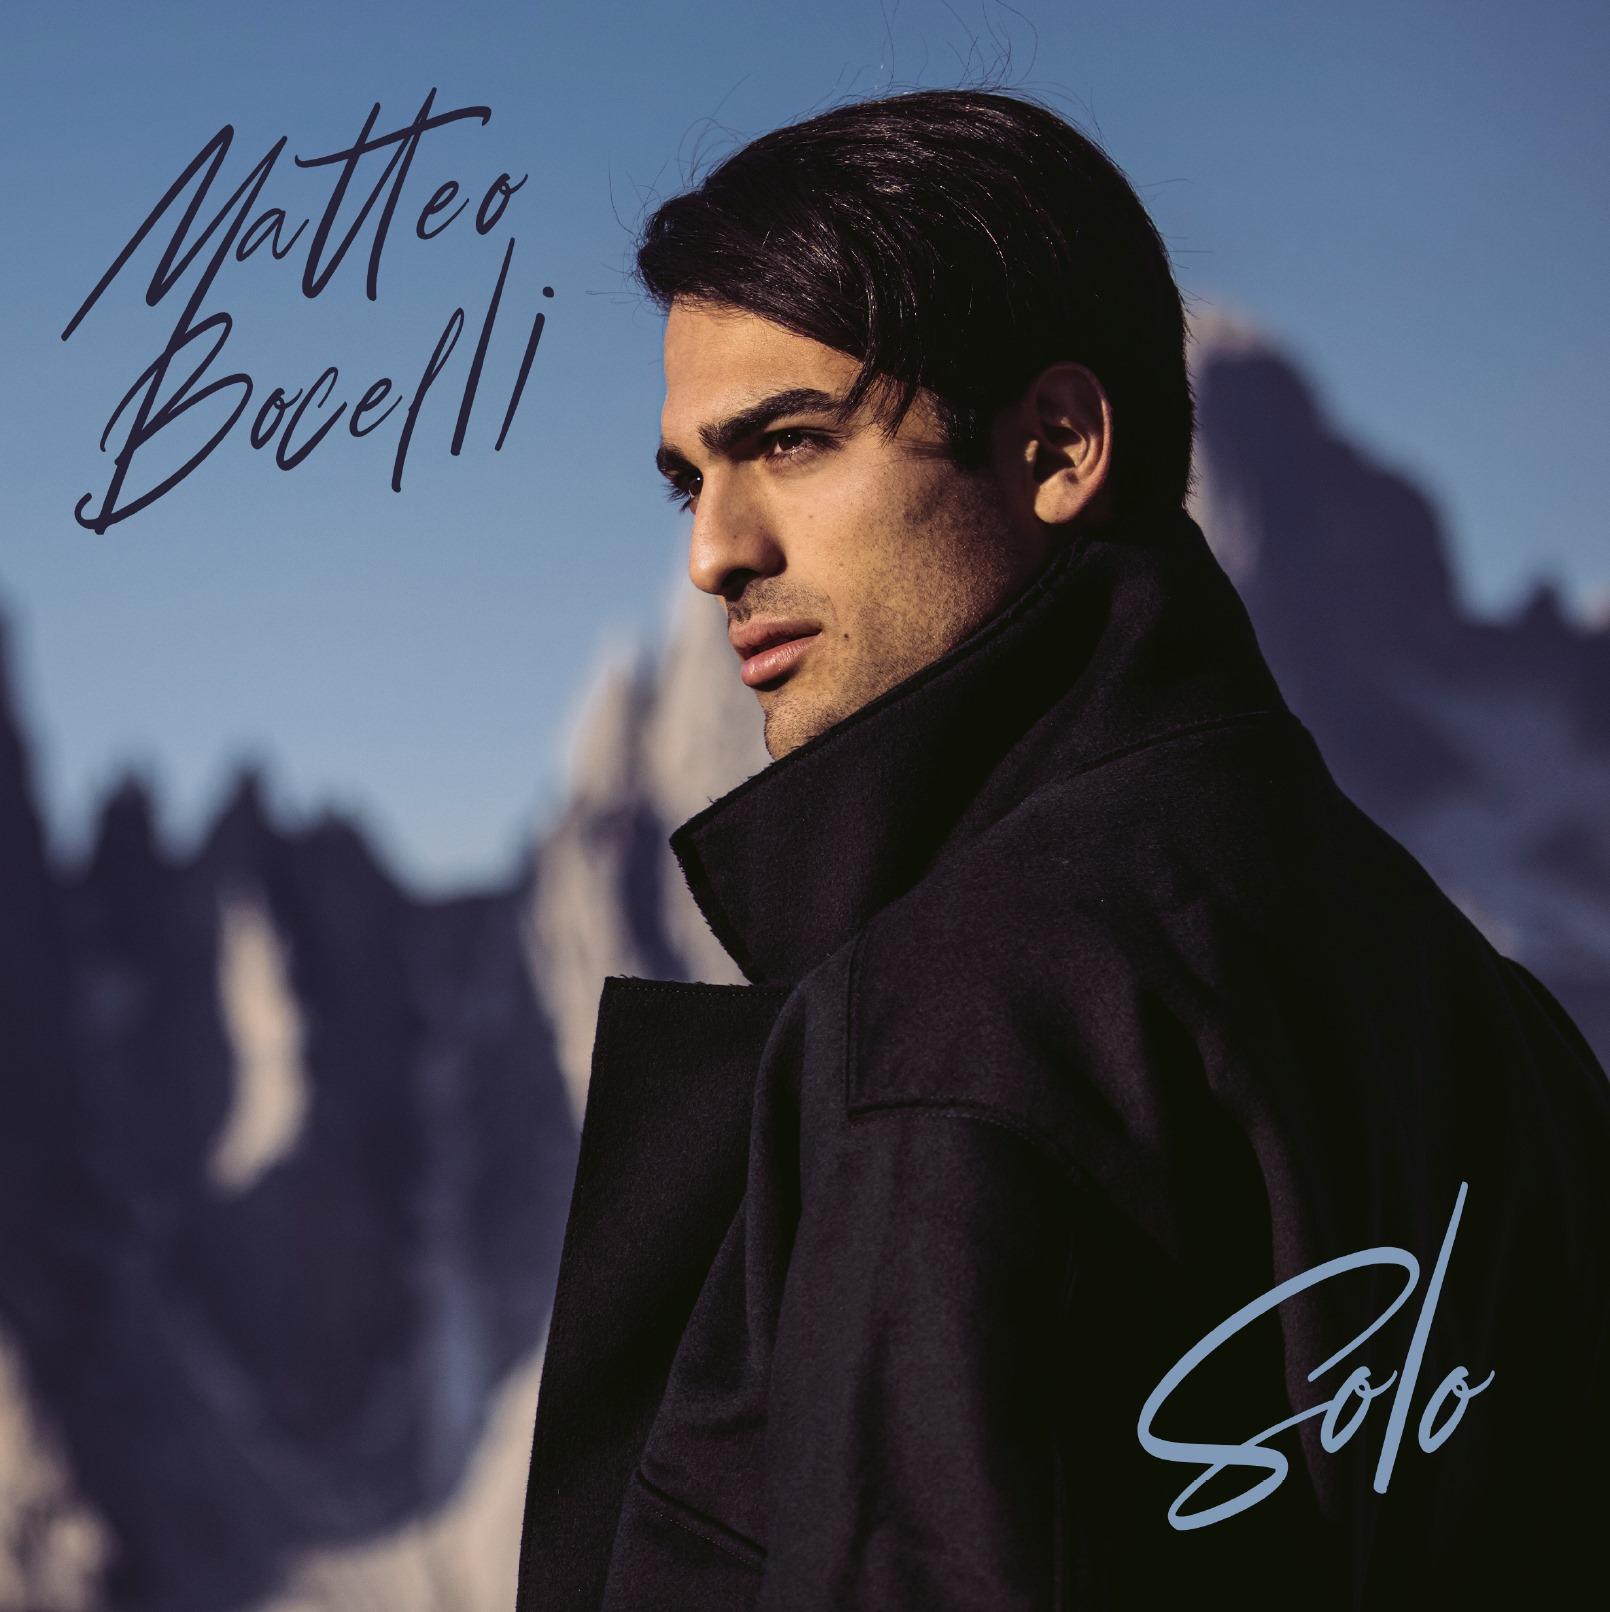 Matteo Bocelli - Solo